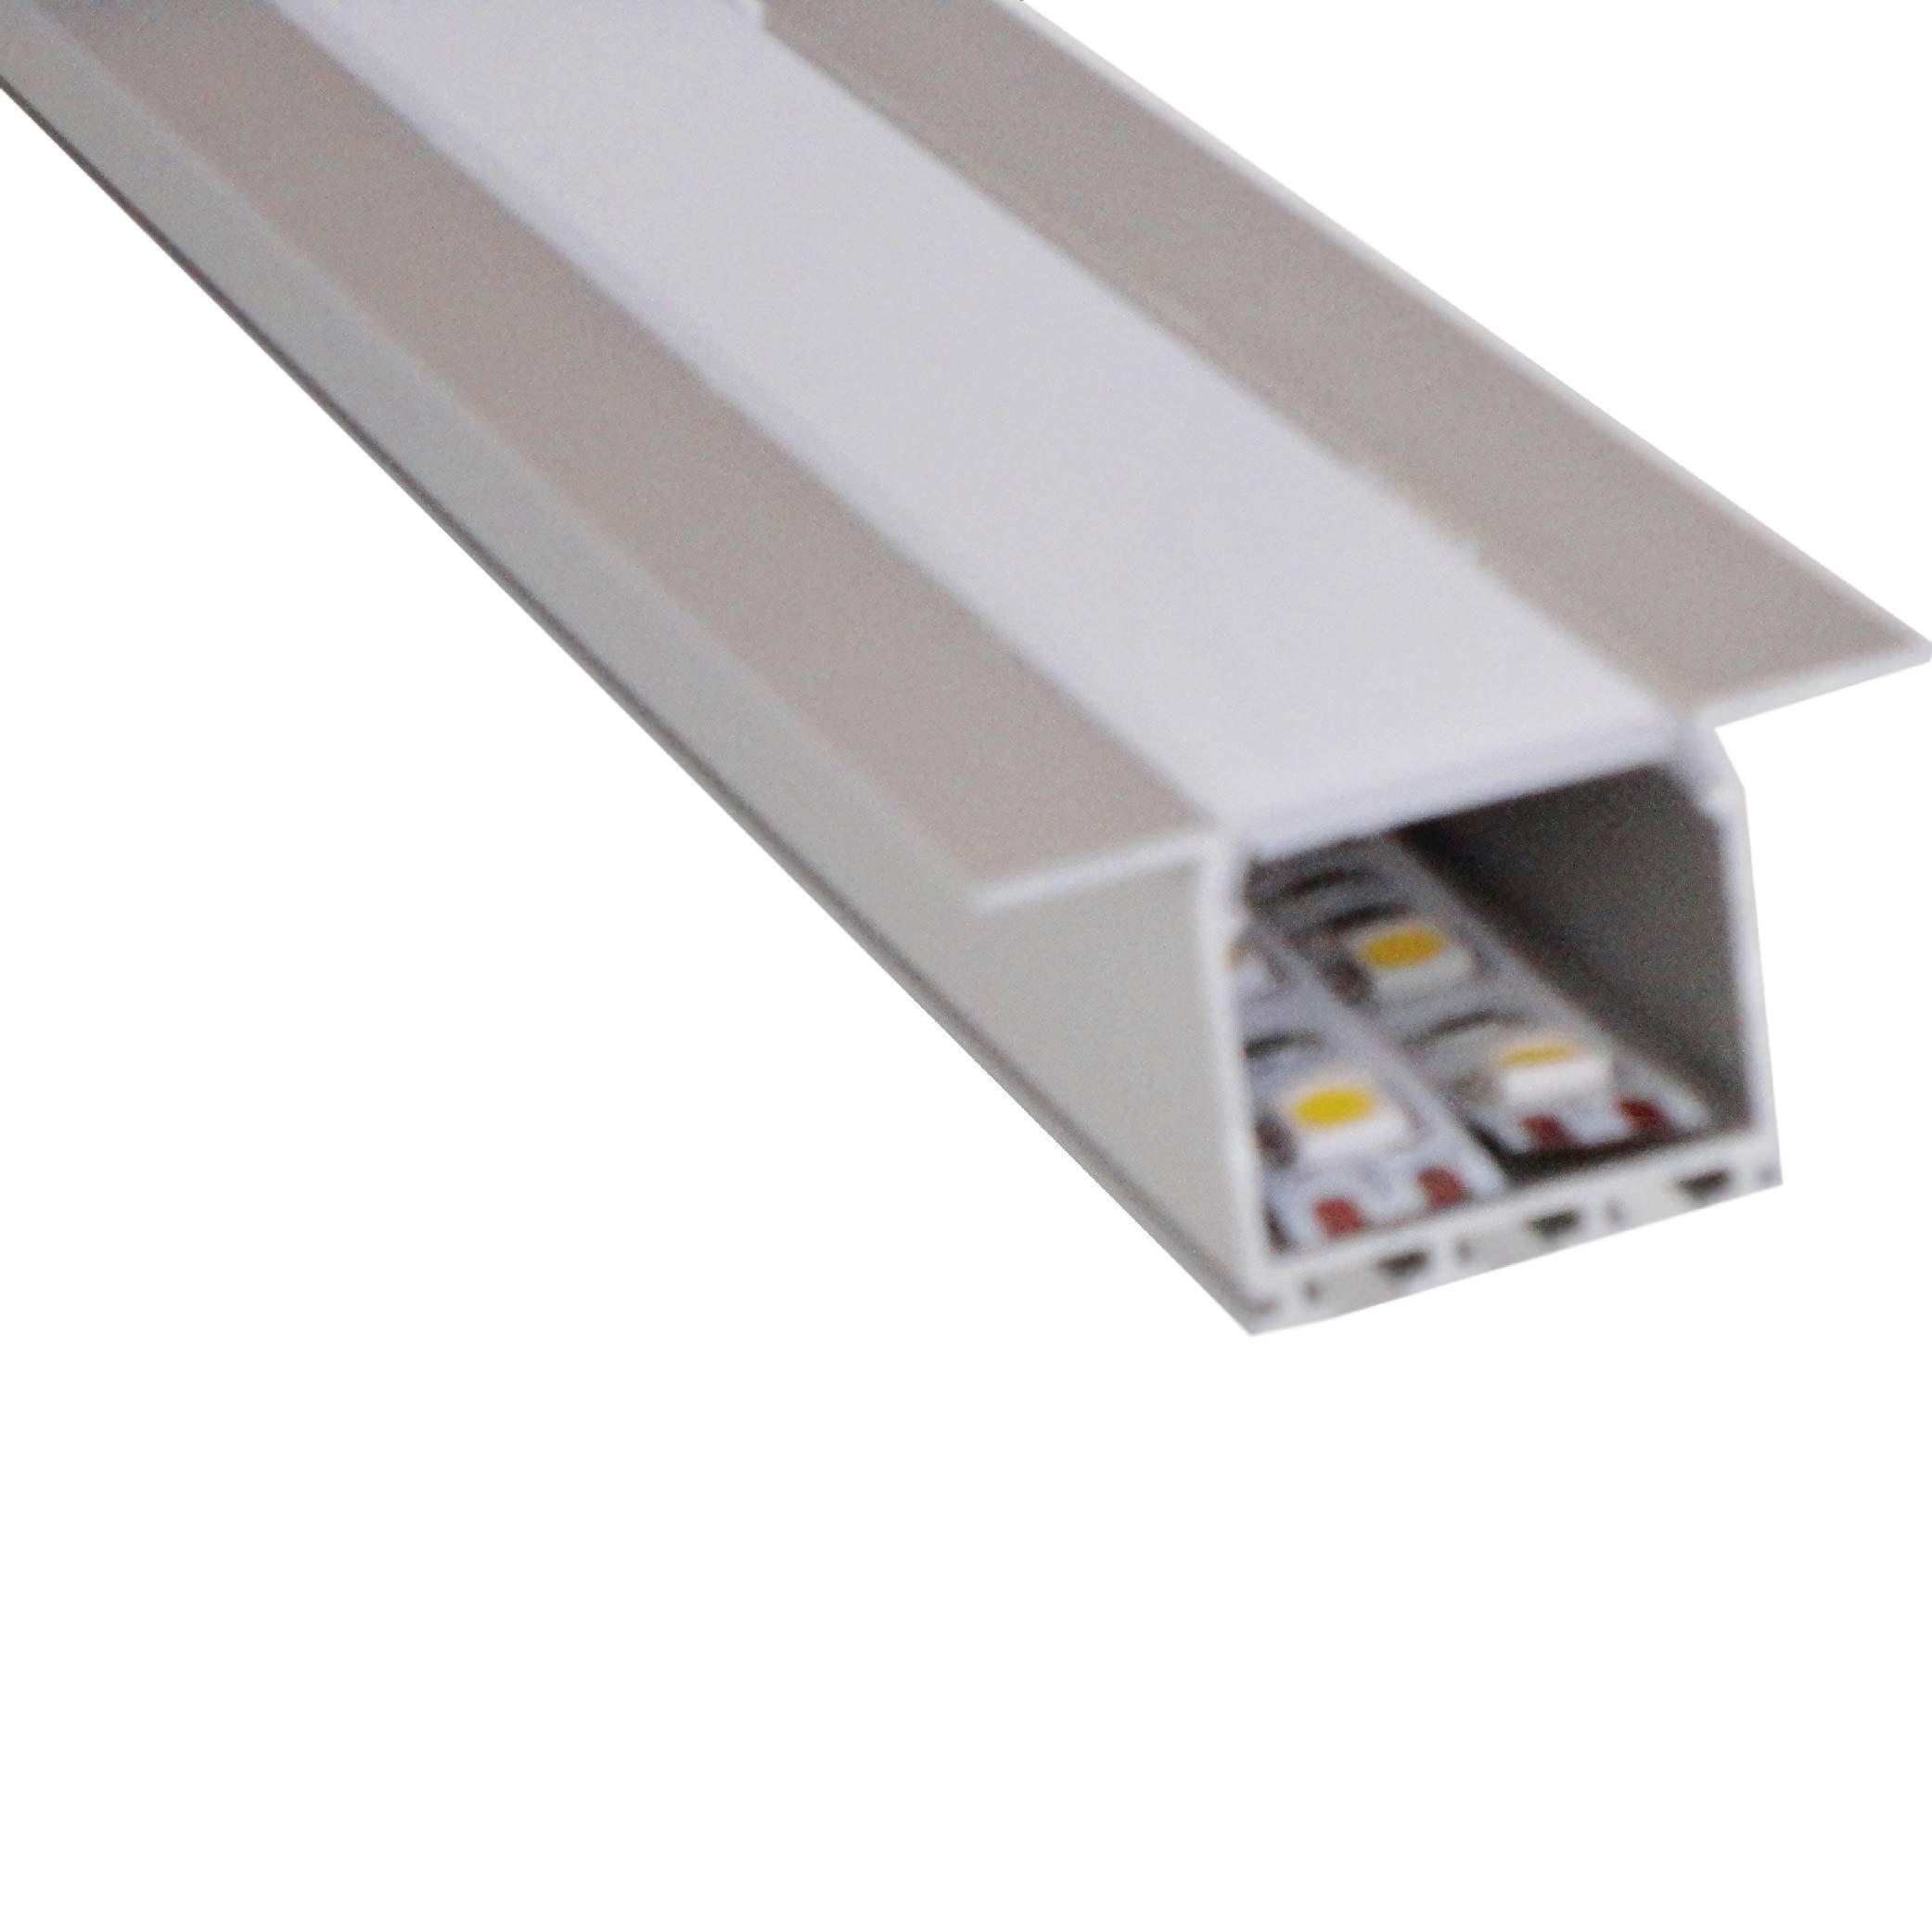 Perfil de Aluminio empot. Standard Anodizado x 2m